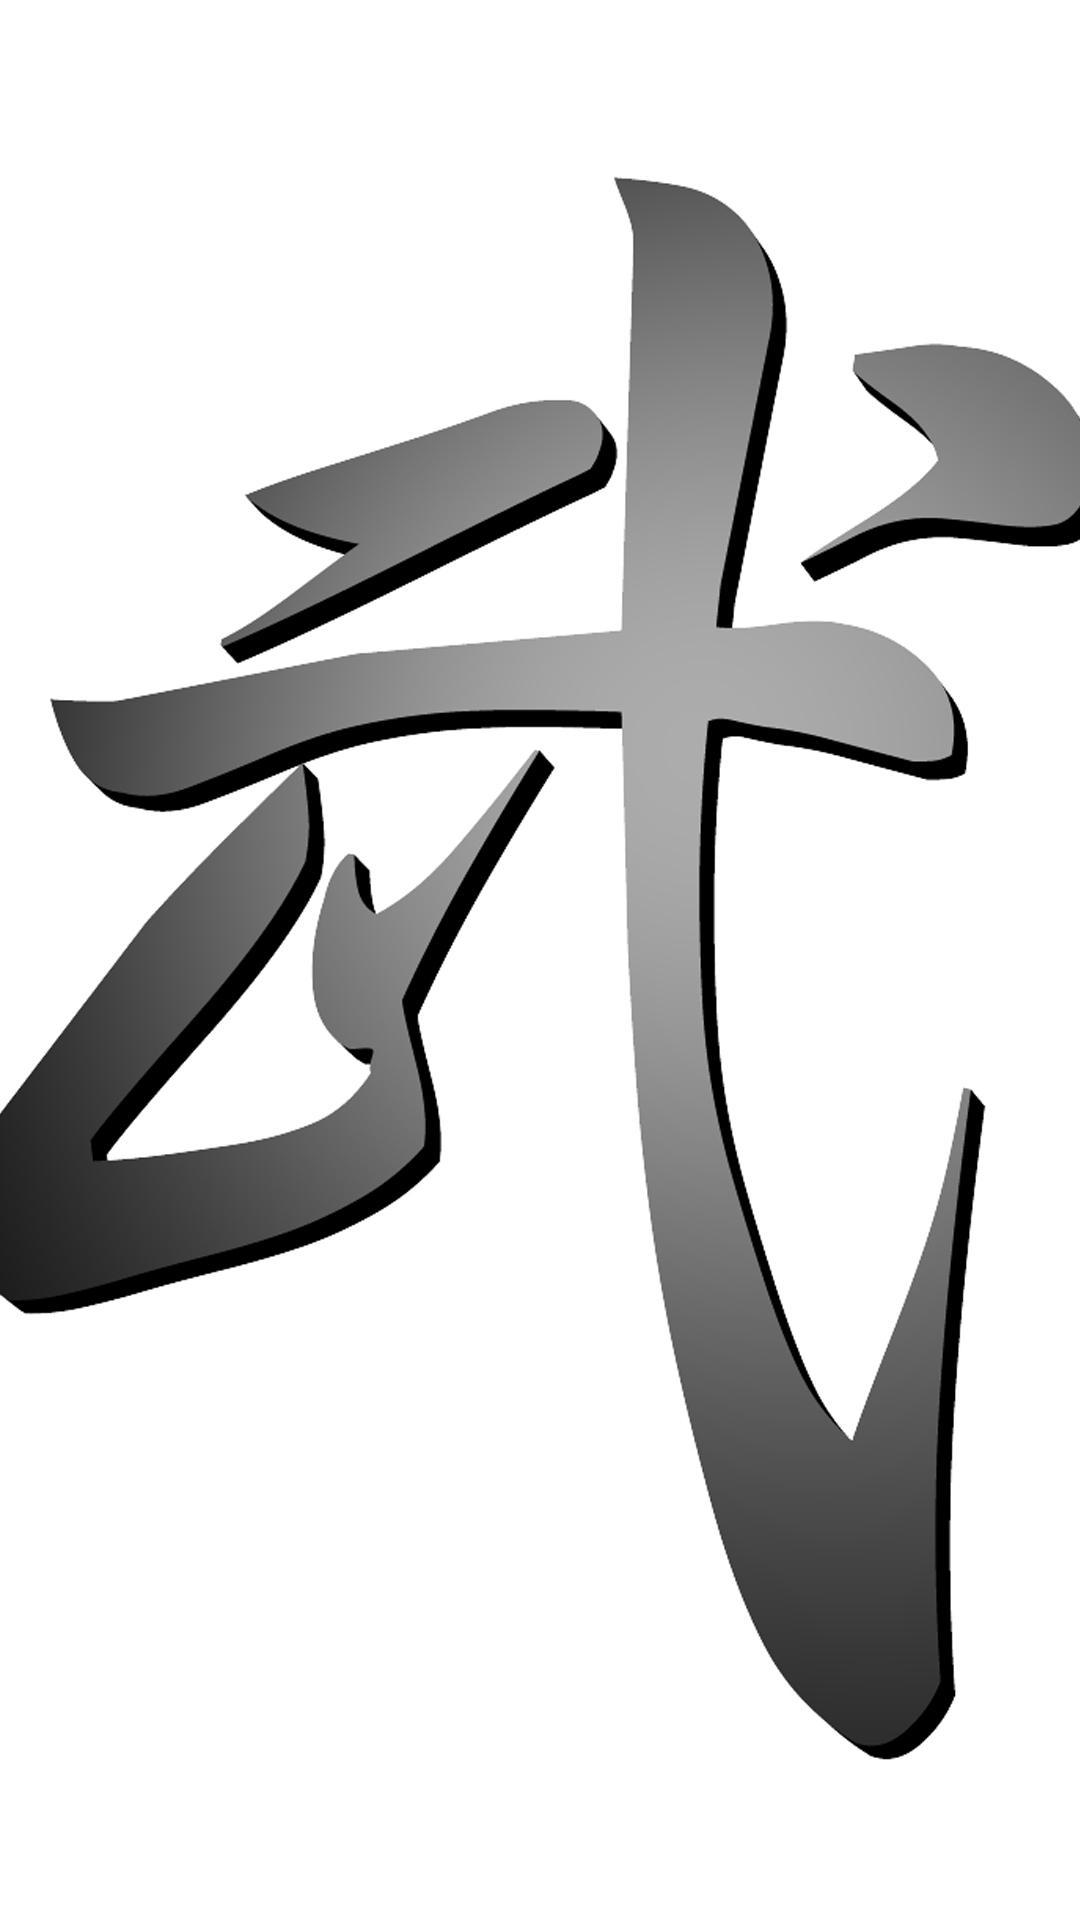 漢字 武 Pc スマートフォンの壁紙 スマートマイズ